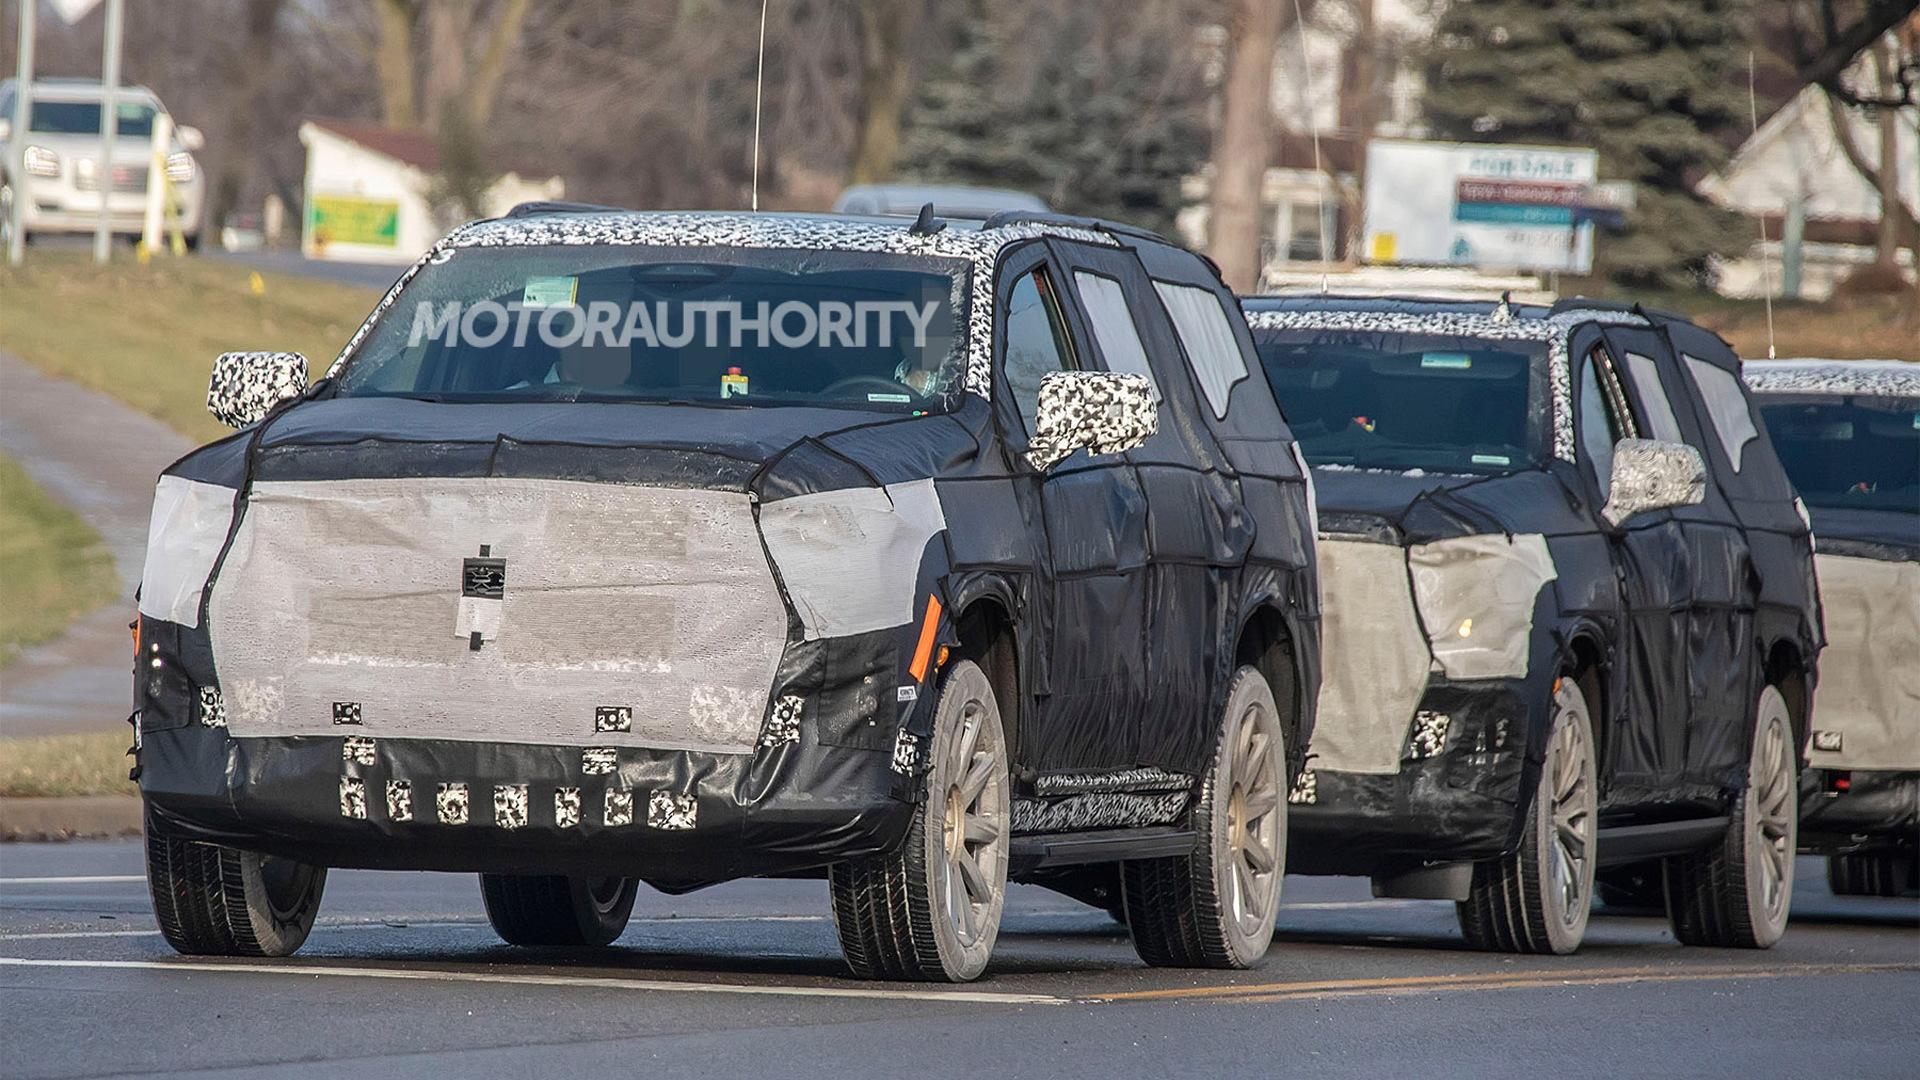 2021 Cadillac Escalade spy shots - Image via S. Baldauf/SB-Medien